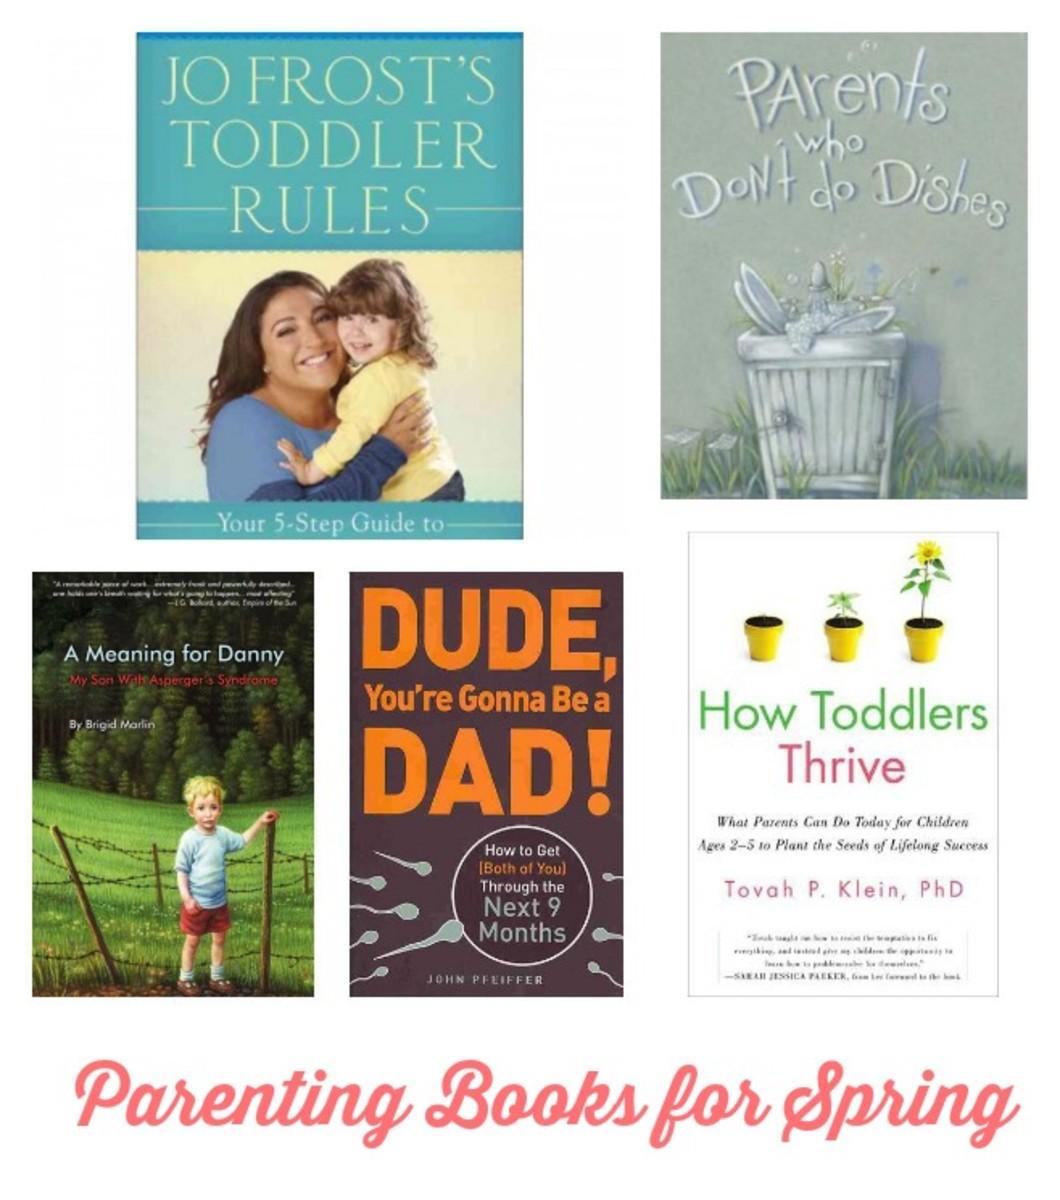 Parenting Books for Spring.jpg.jpg